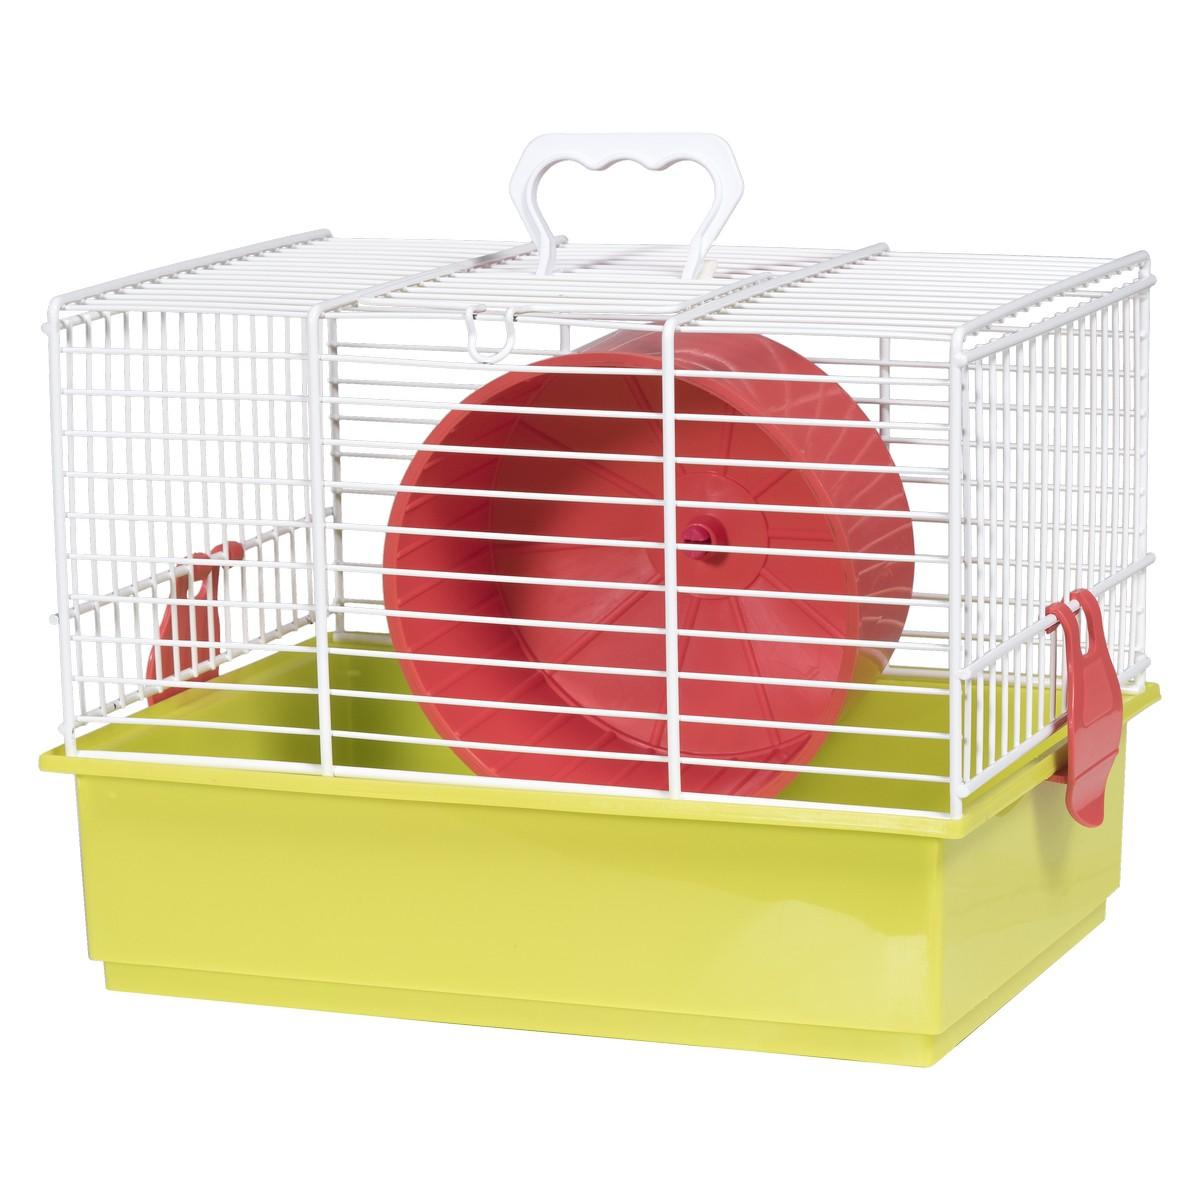 Клетка для крыс, морских свинок, мышей, хомяков Voltrega 20х19.5х27см